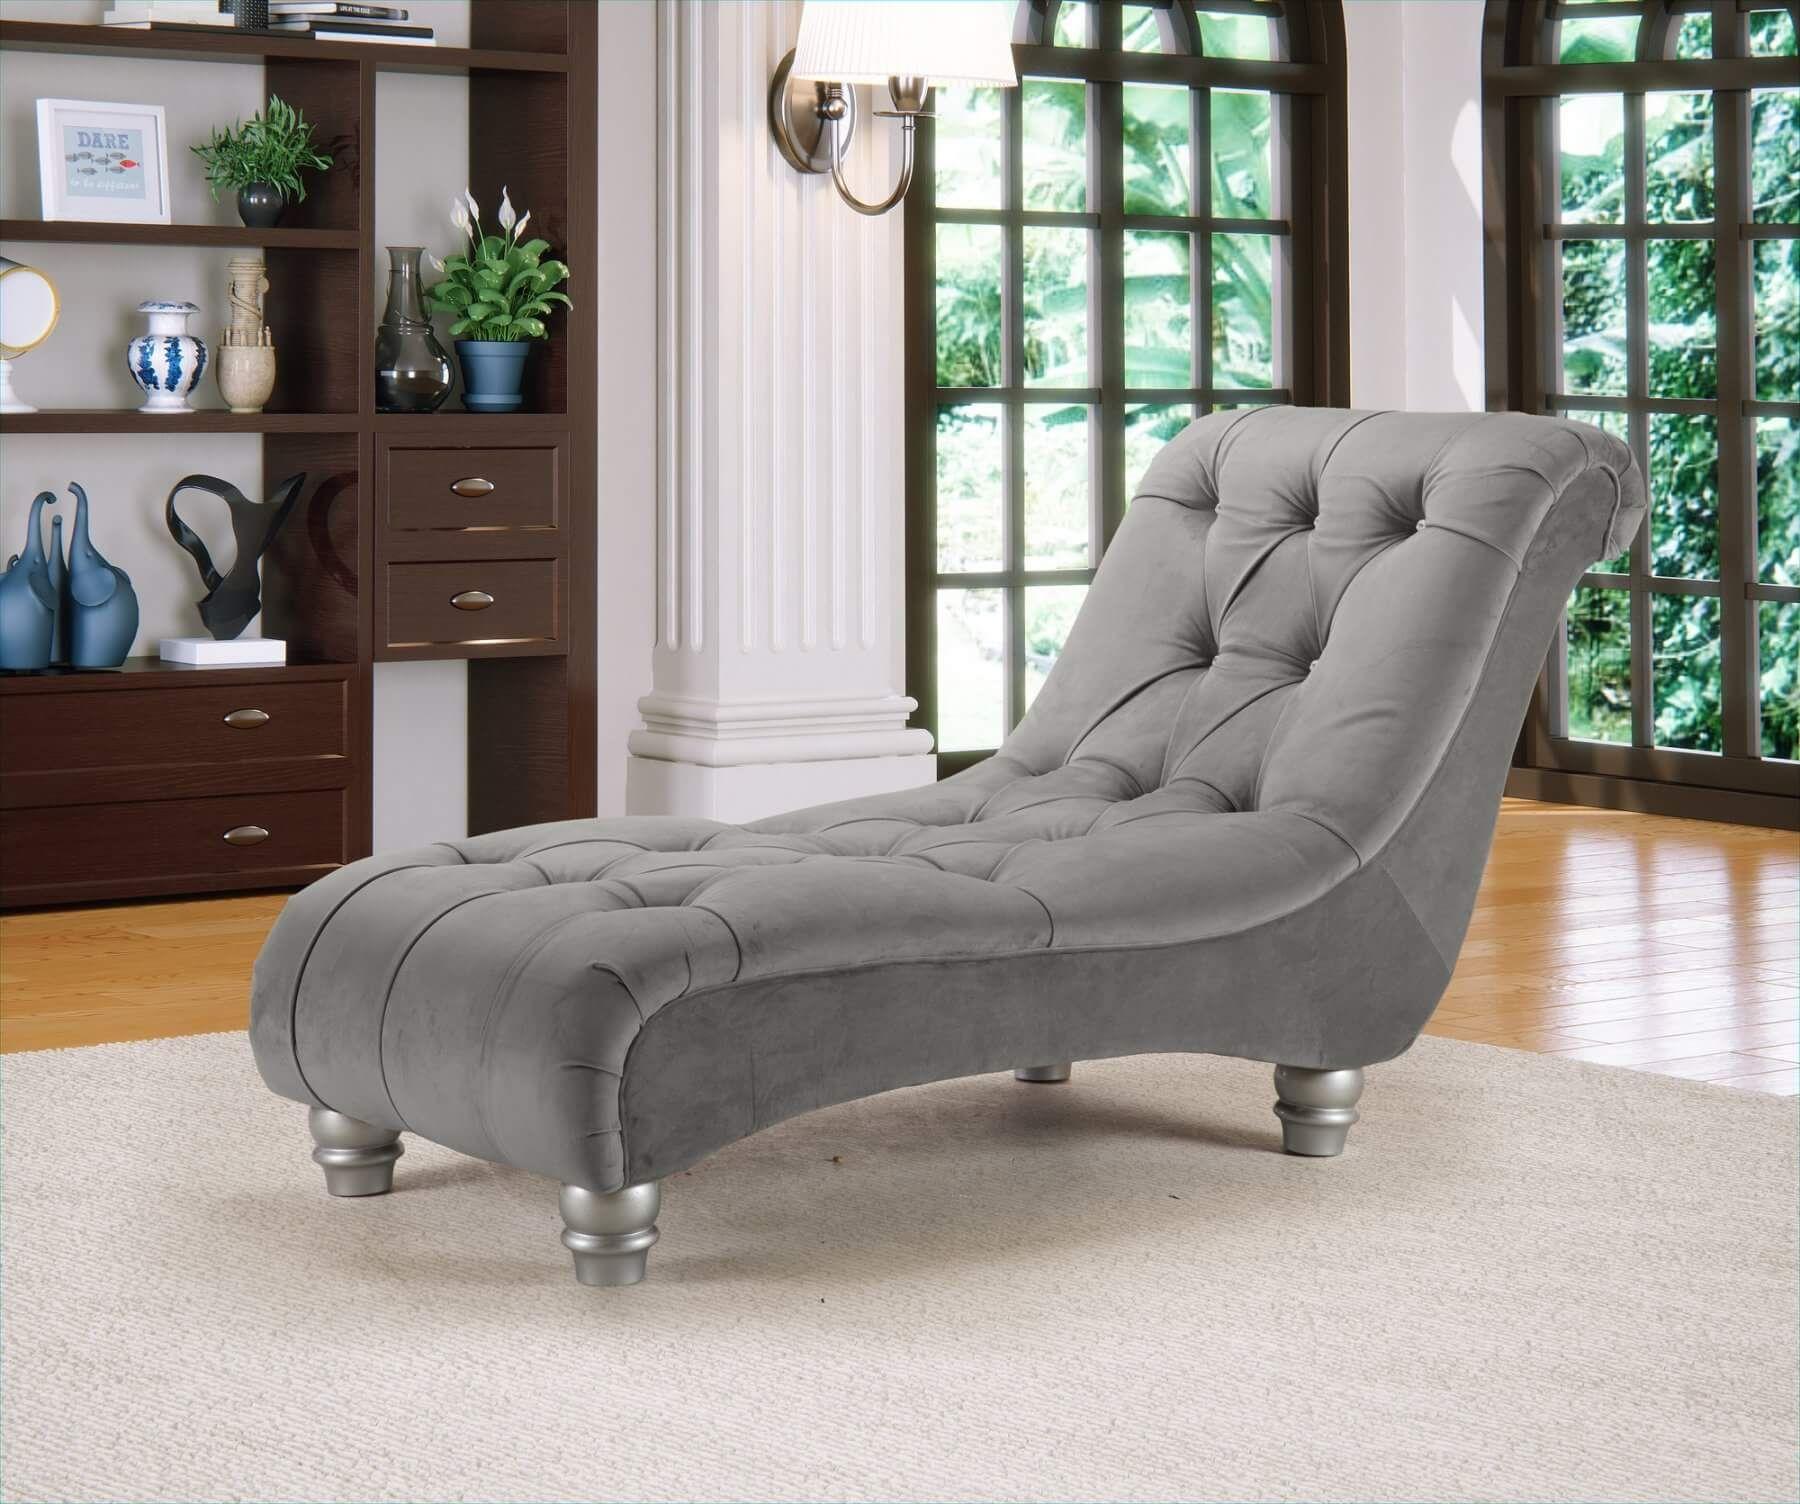 Light Grey Velvet Chesterfield Chaise Lounge In 2020 Chaise Lounge Velvet Chaise Lounge Grey Velvet Sofa